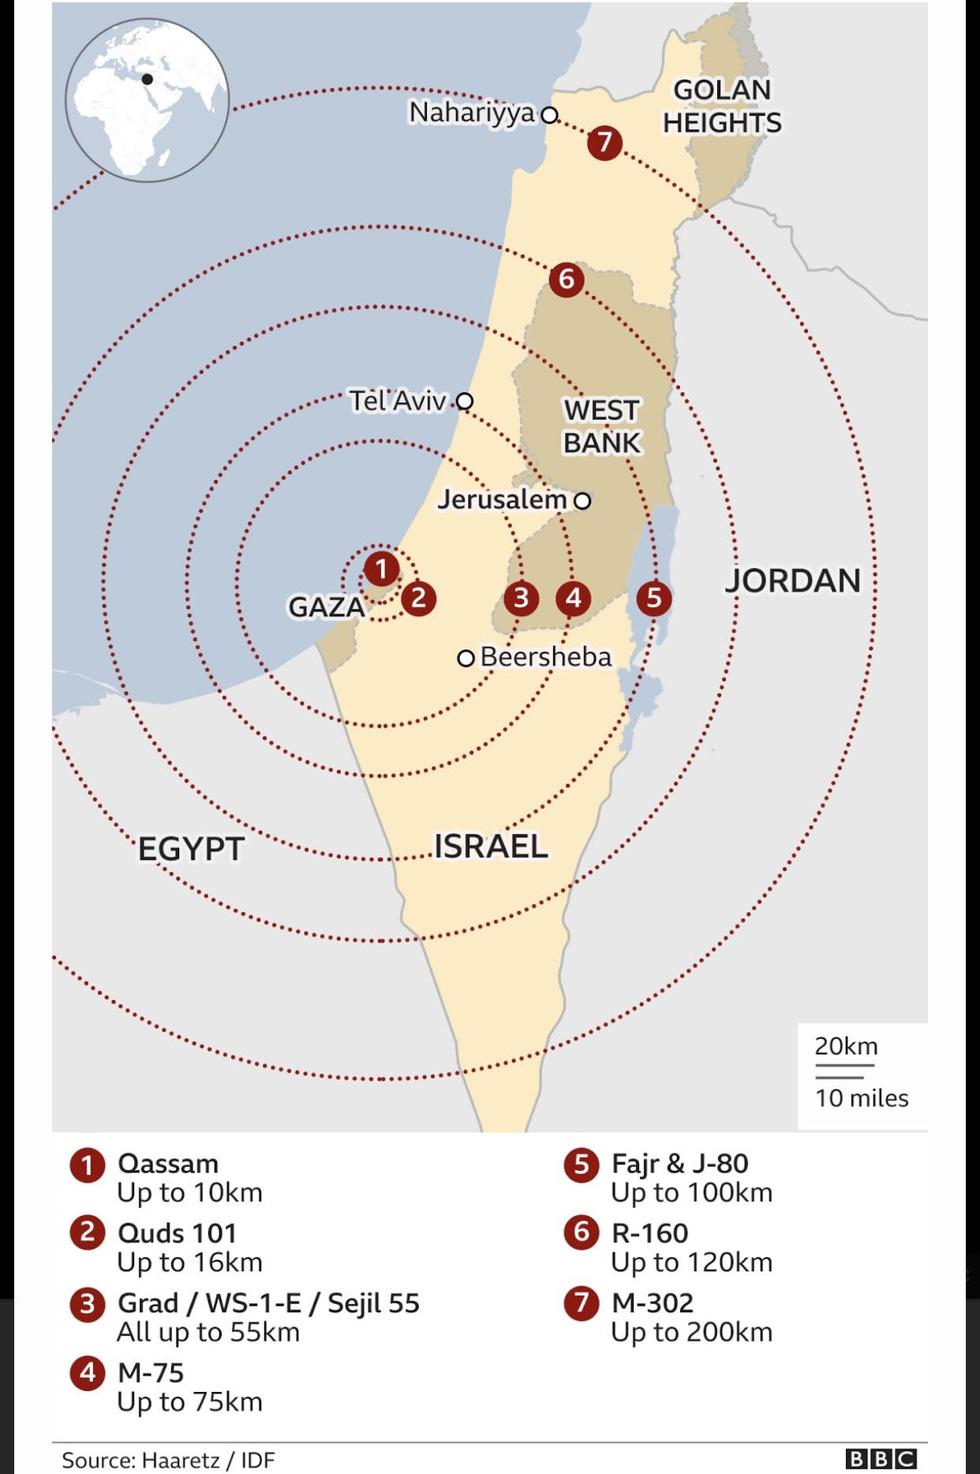 Tầm hoạt động của một số loại rocket mà Hamas sở hữu, cho thấy có loại rocket có khả năng hoạt động gần như bao trùm Israel. Đồ họa: BBC